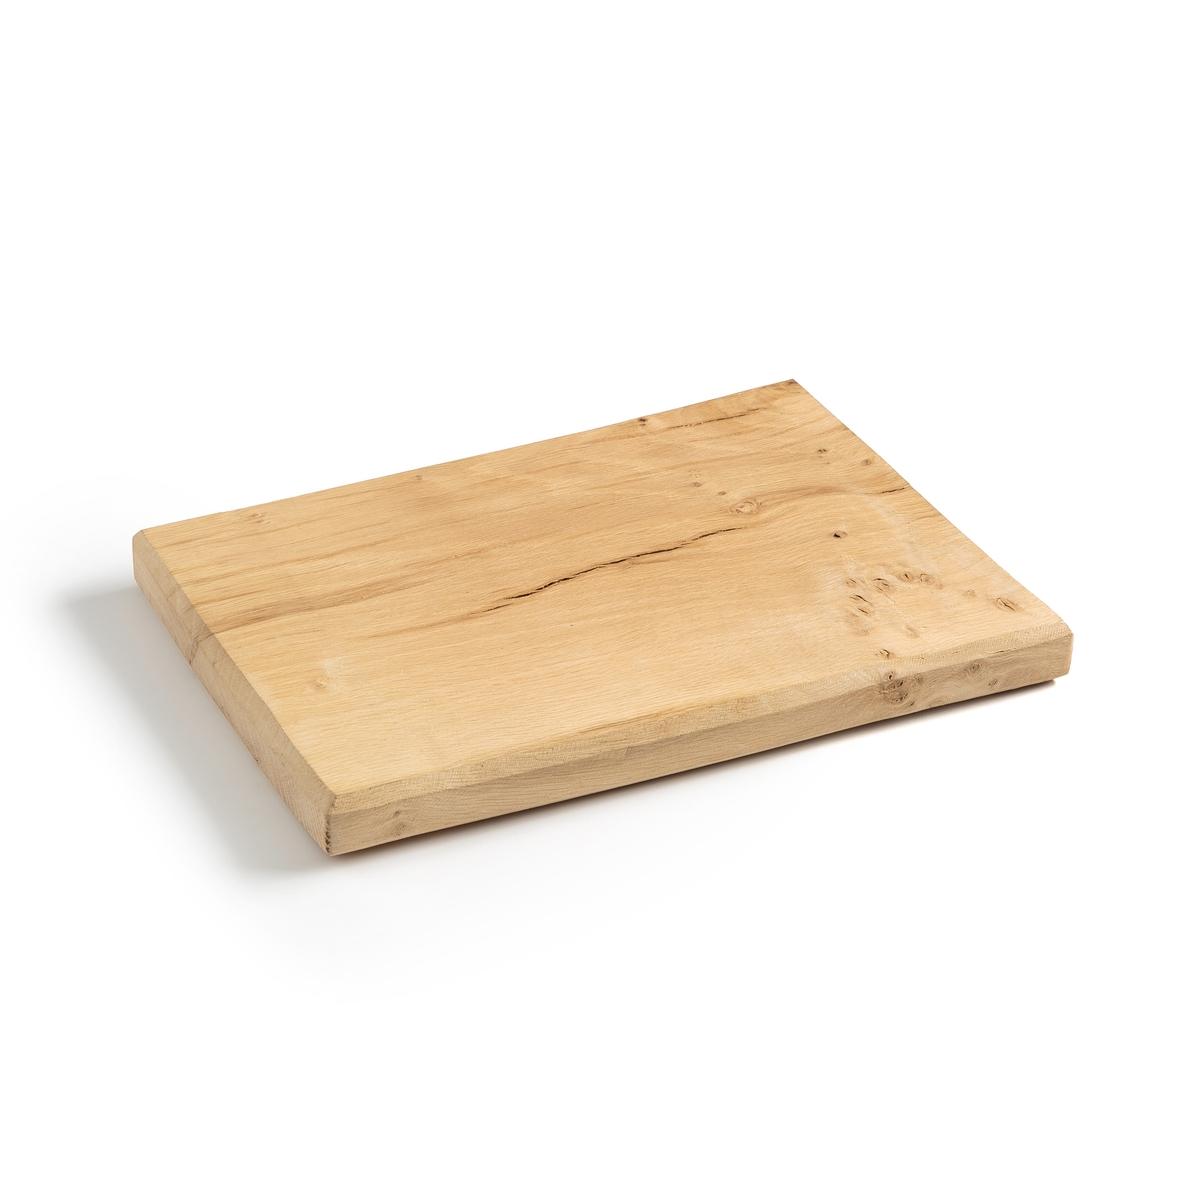 Доска разделочная из массива дуба Fujita By В. Барковски доска разделочная fiesta 36х30х1 см пластмассовая 1248574